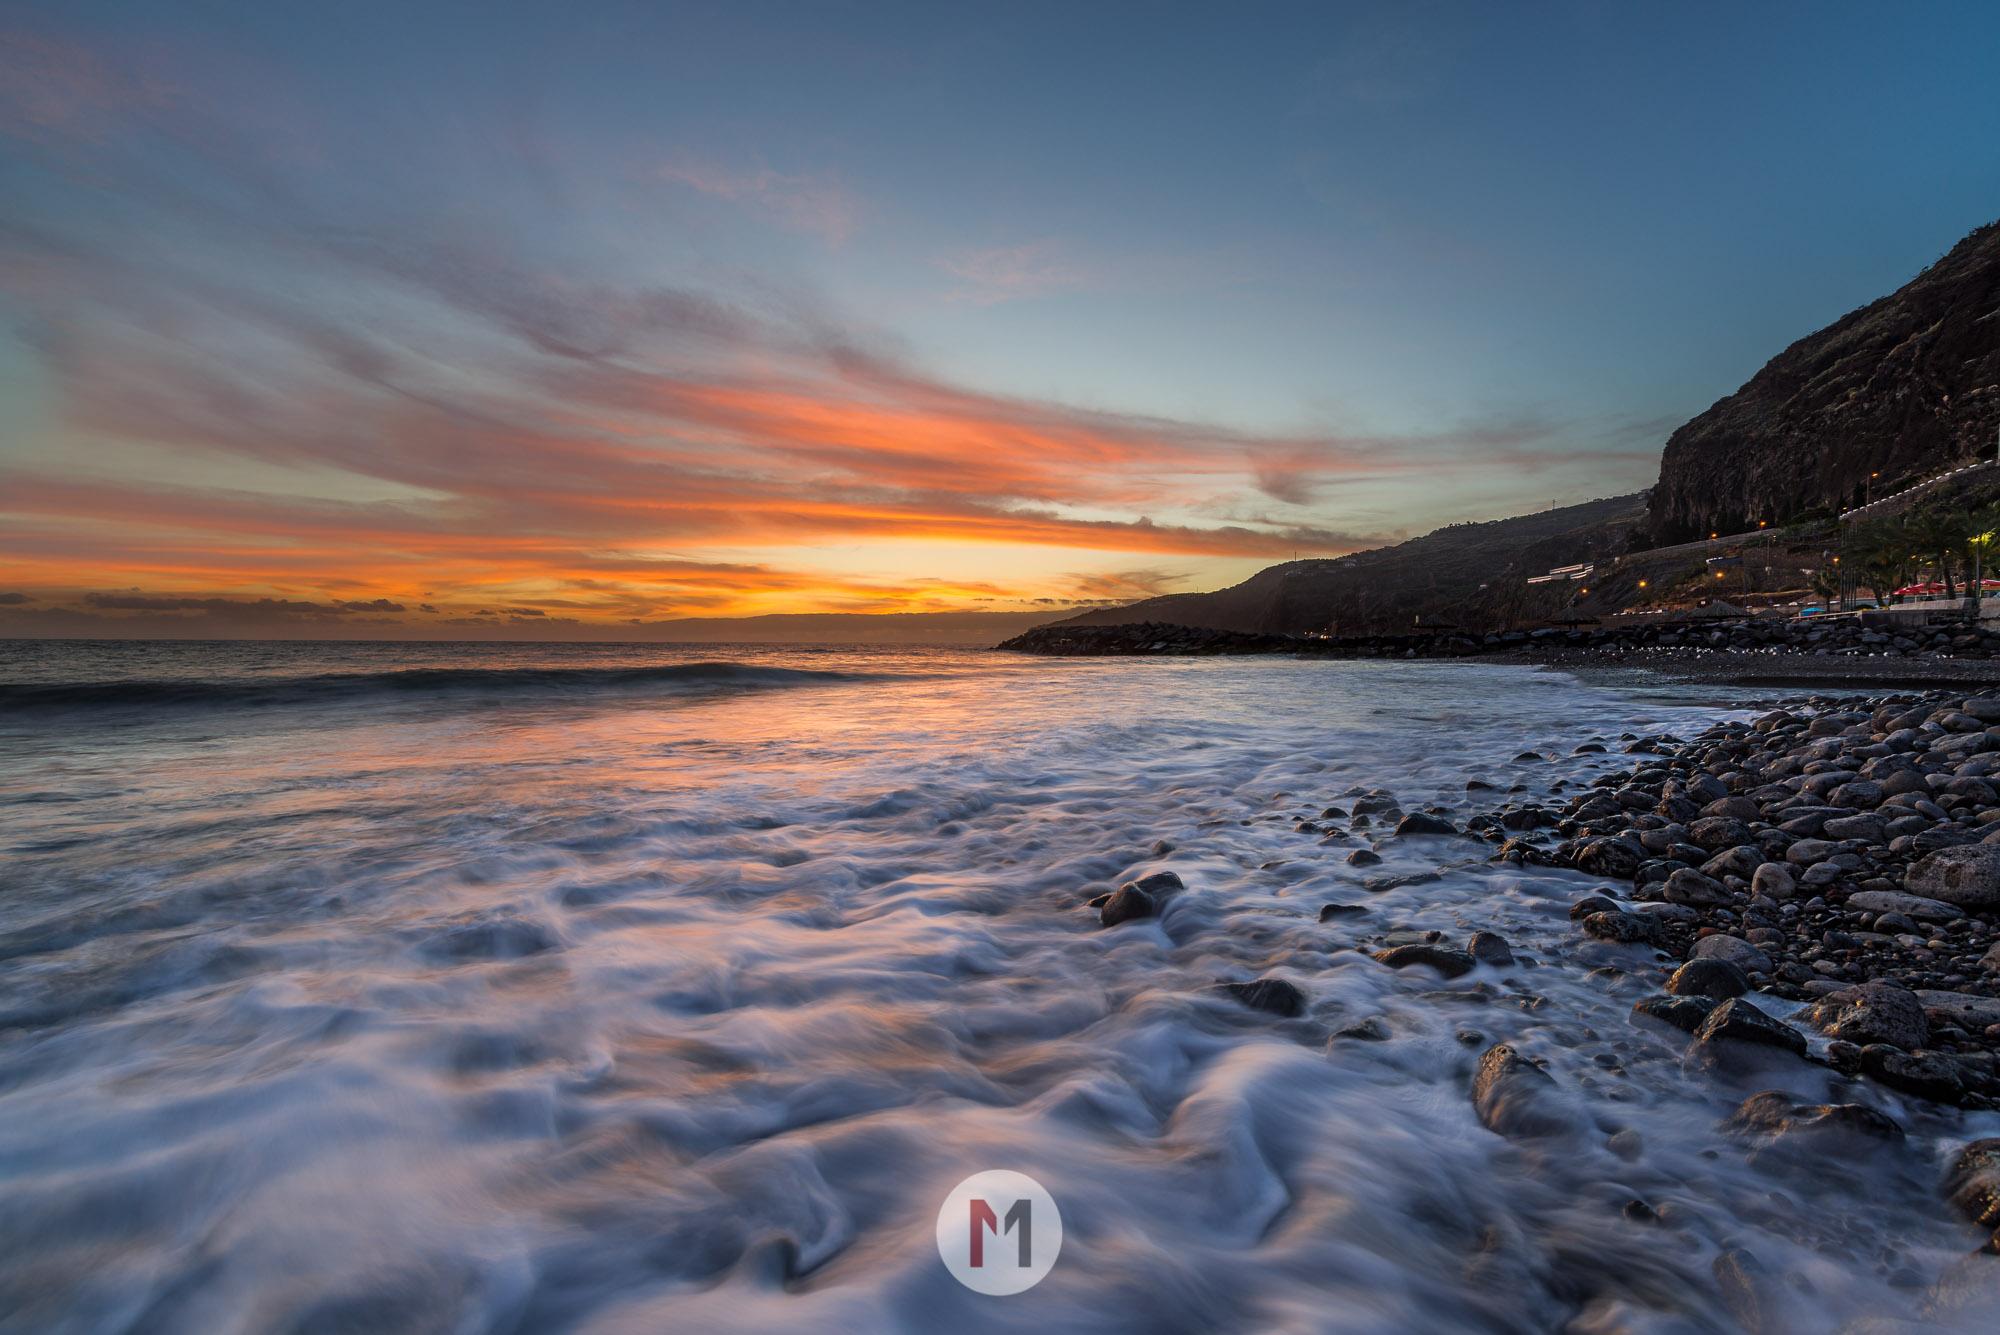 Sonnenuntergang Küste Madeira